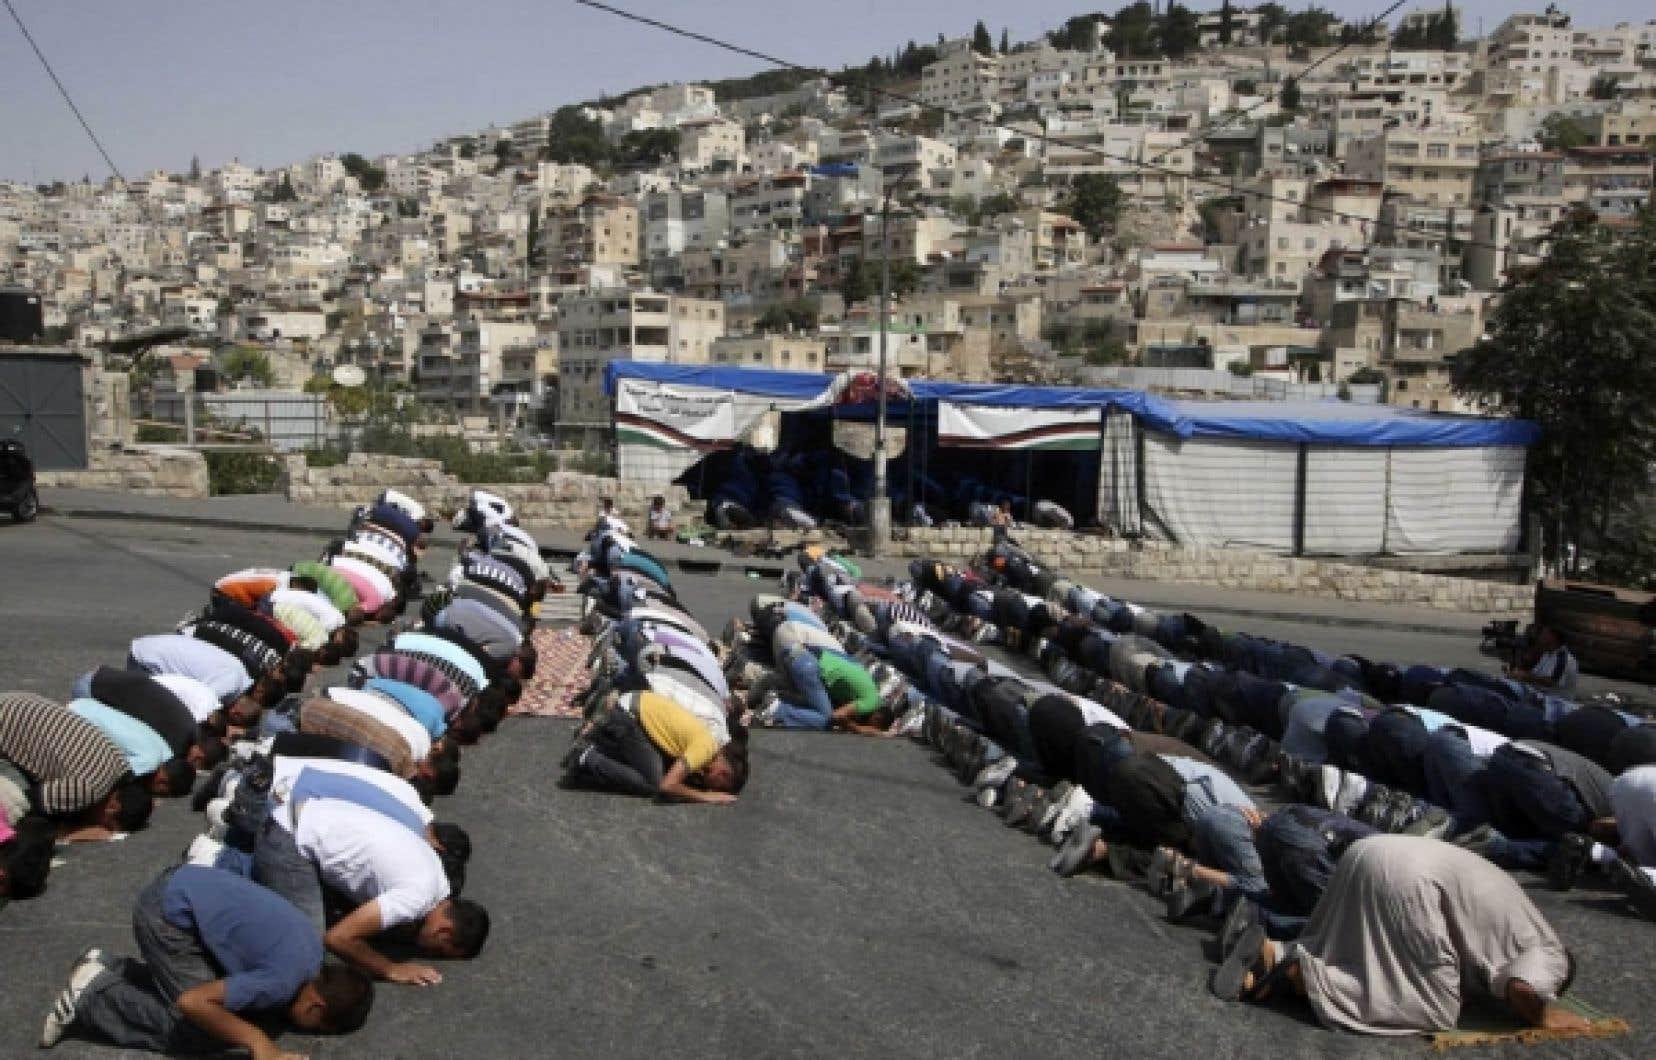 Prière du vendredi sous surveillance, à Jérusalem-Est<br />